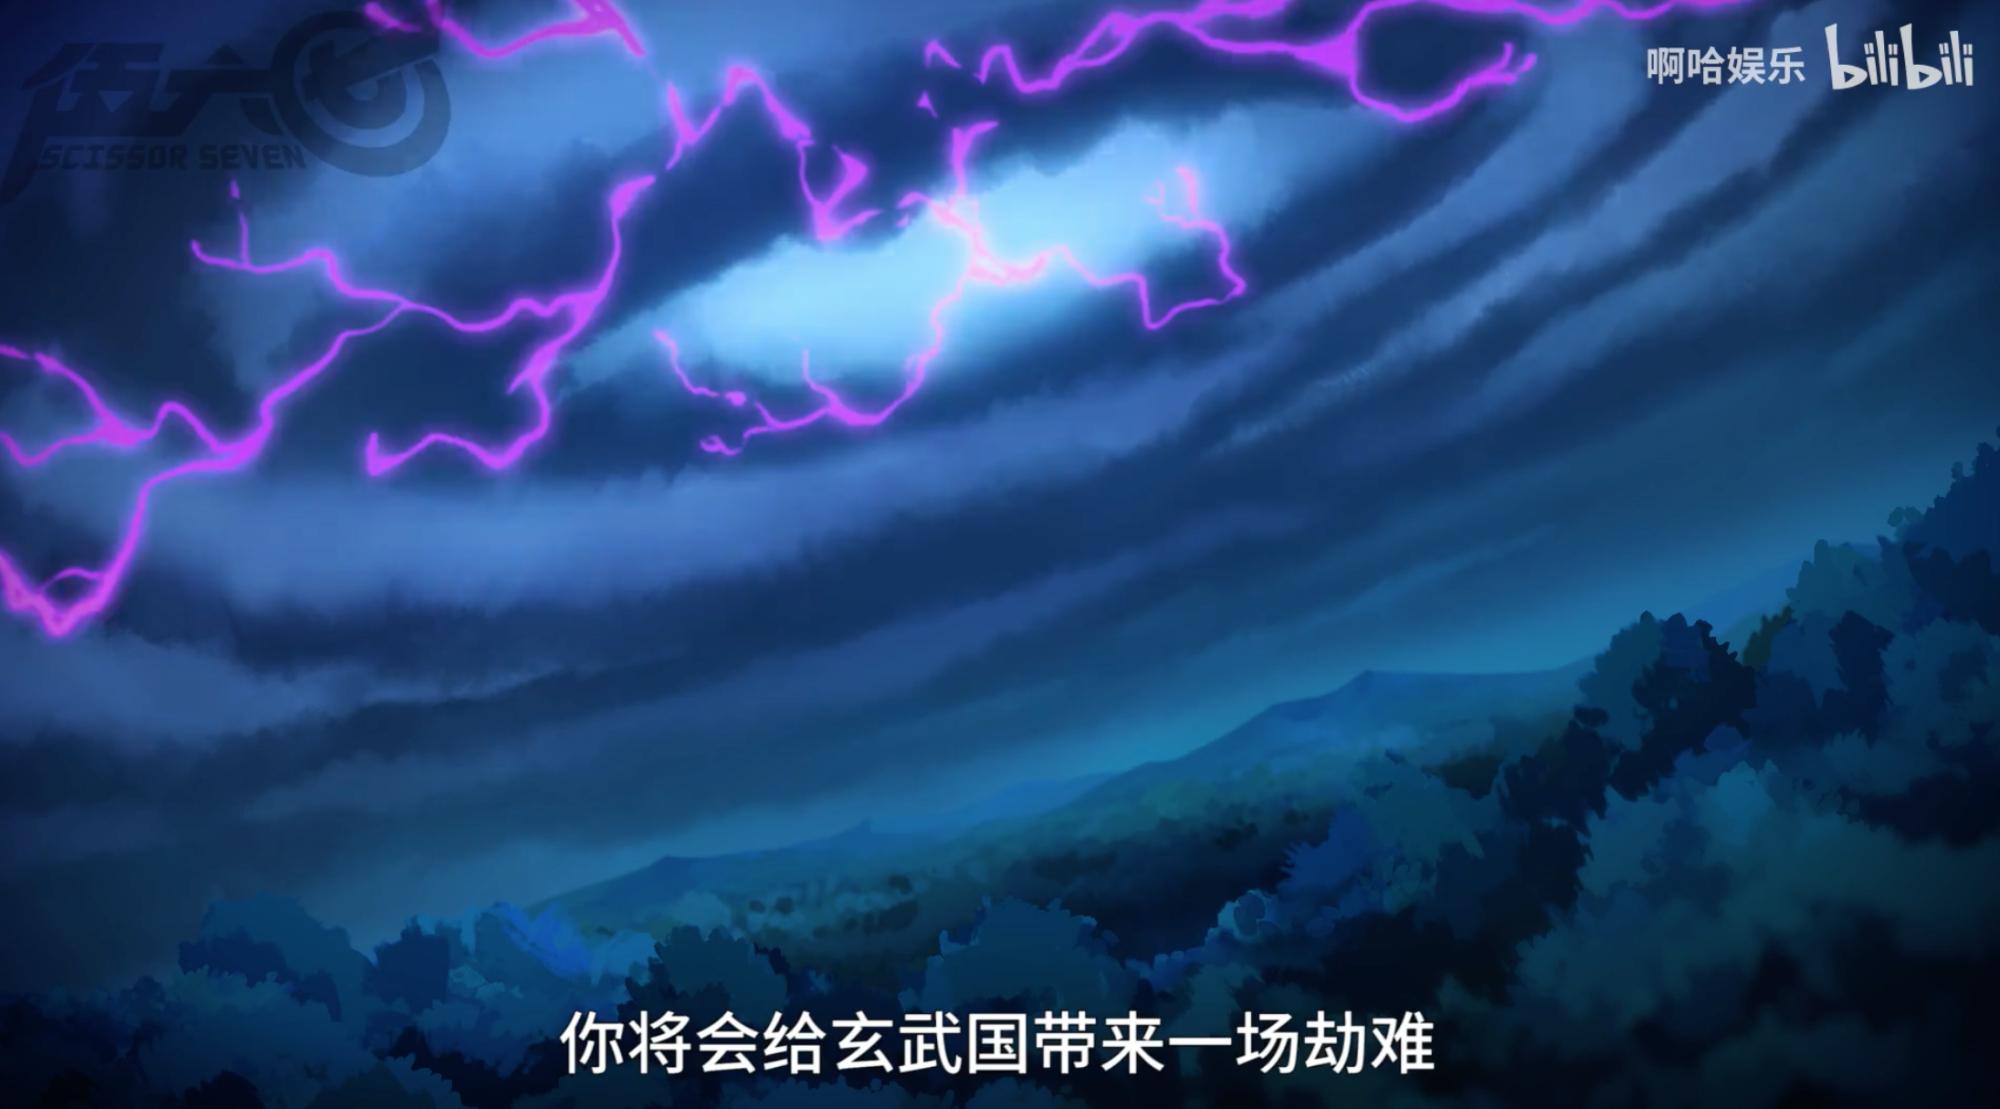 伍六七第8集:无眼法师登场,替玄武国灭了阿七,解除世间劫难